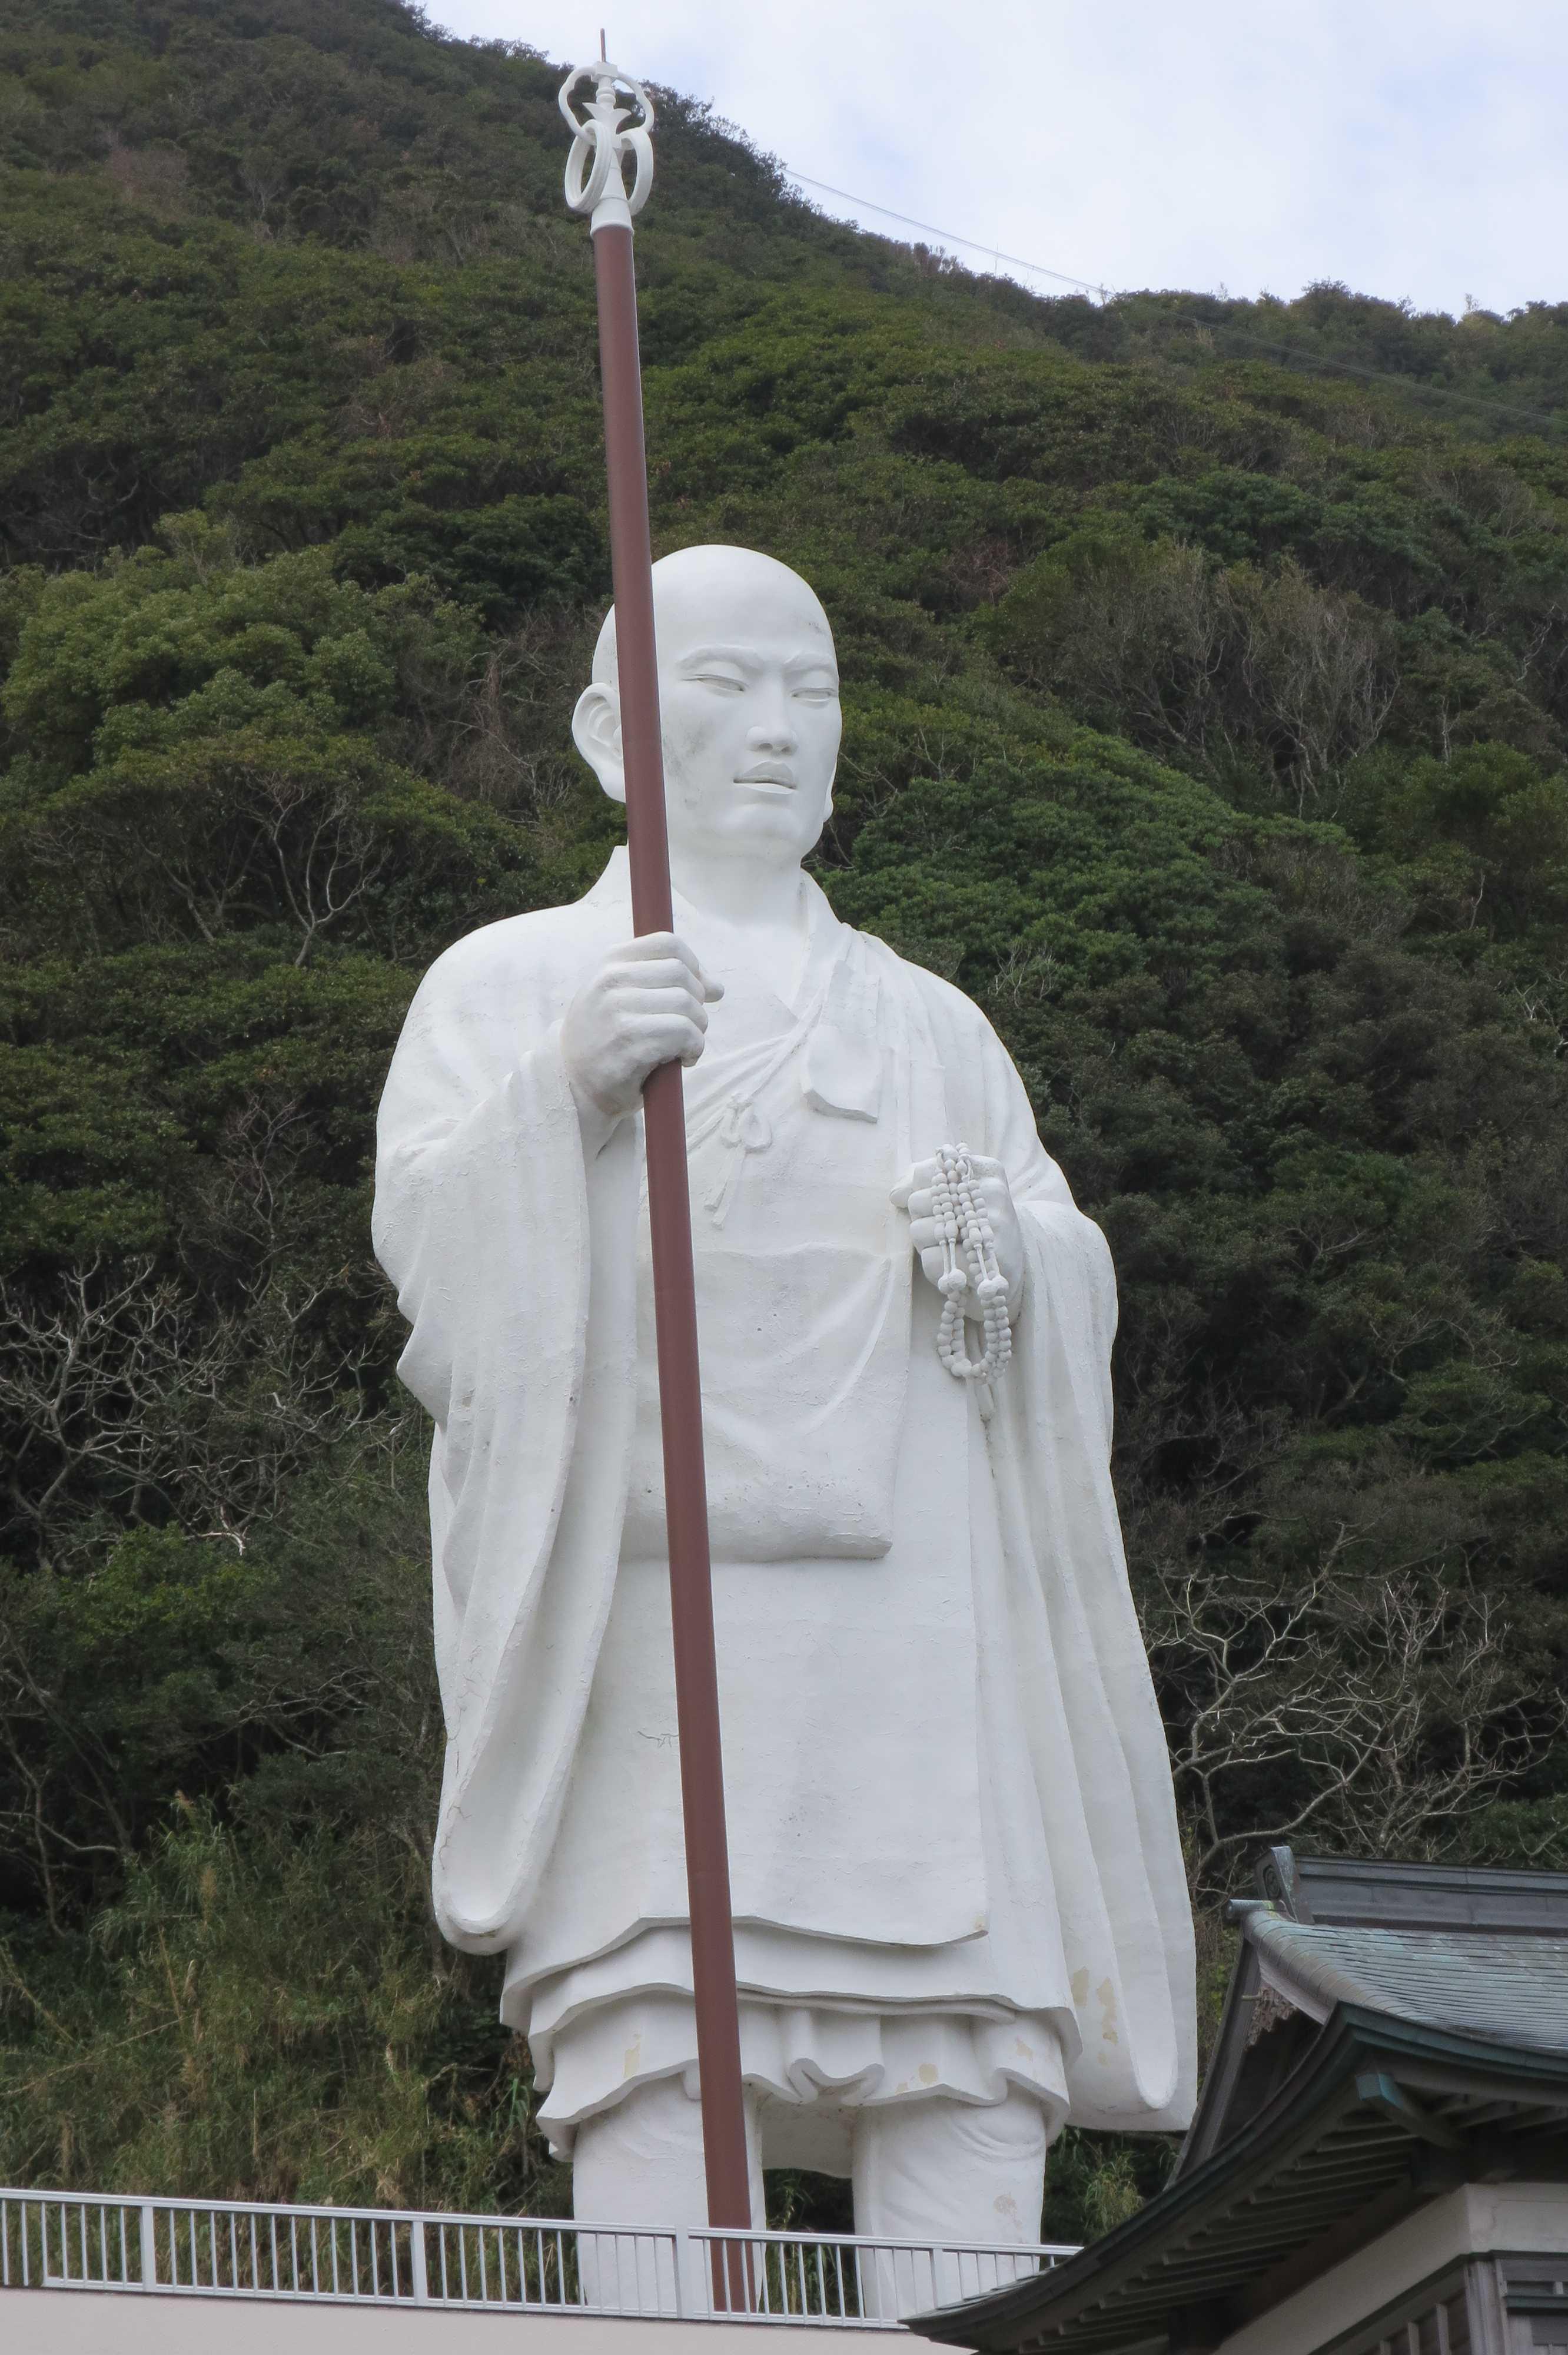 室戸岬 - 青年大師像の表情